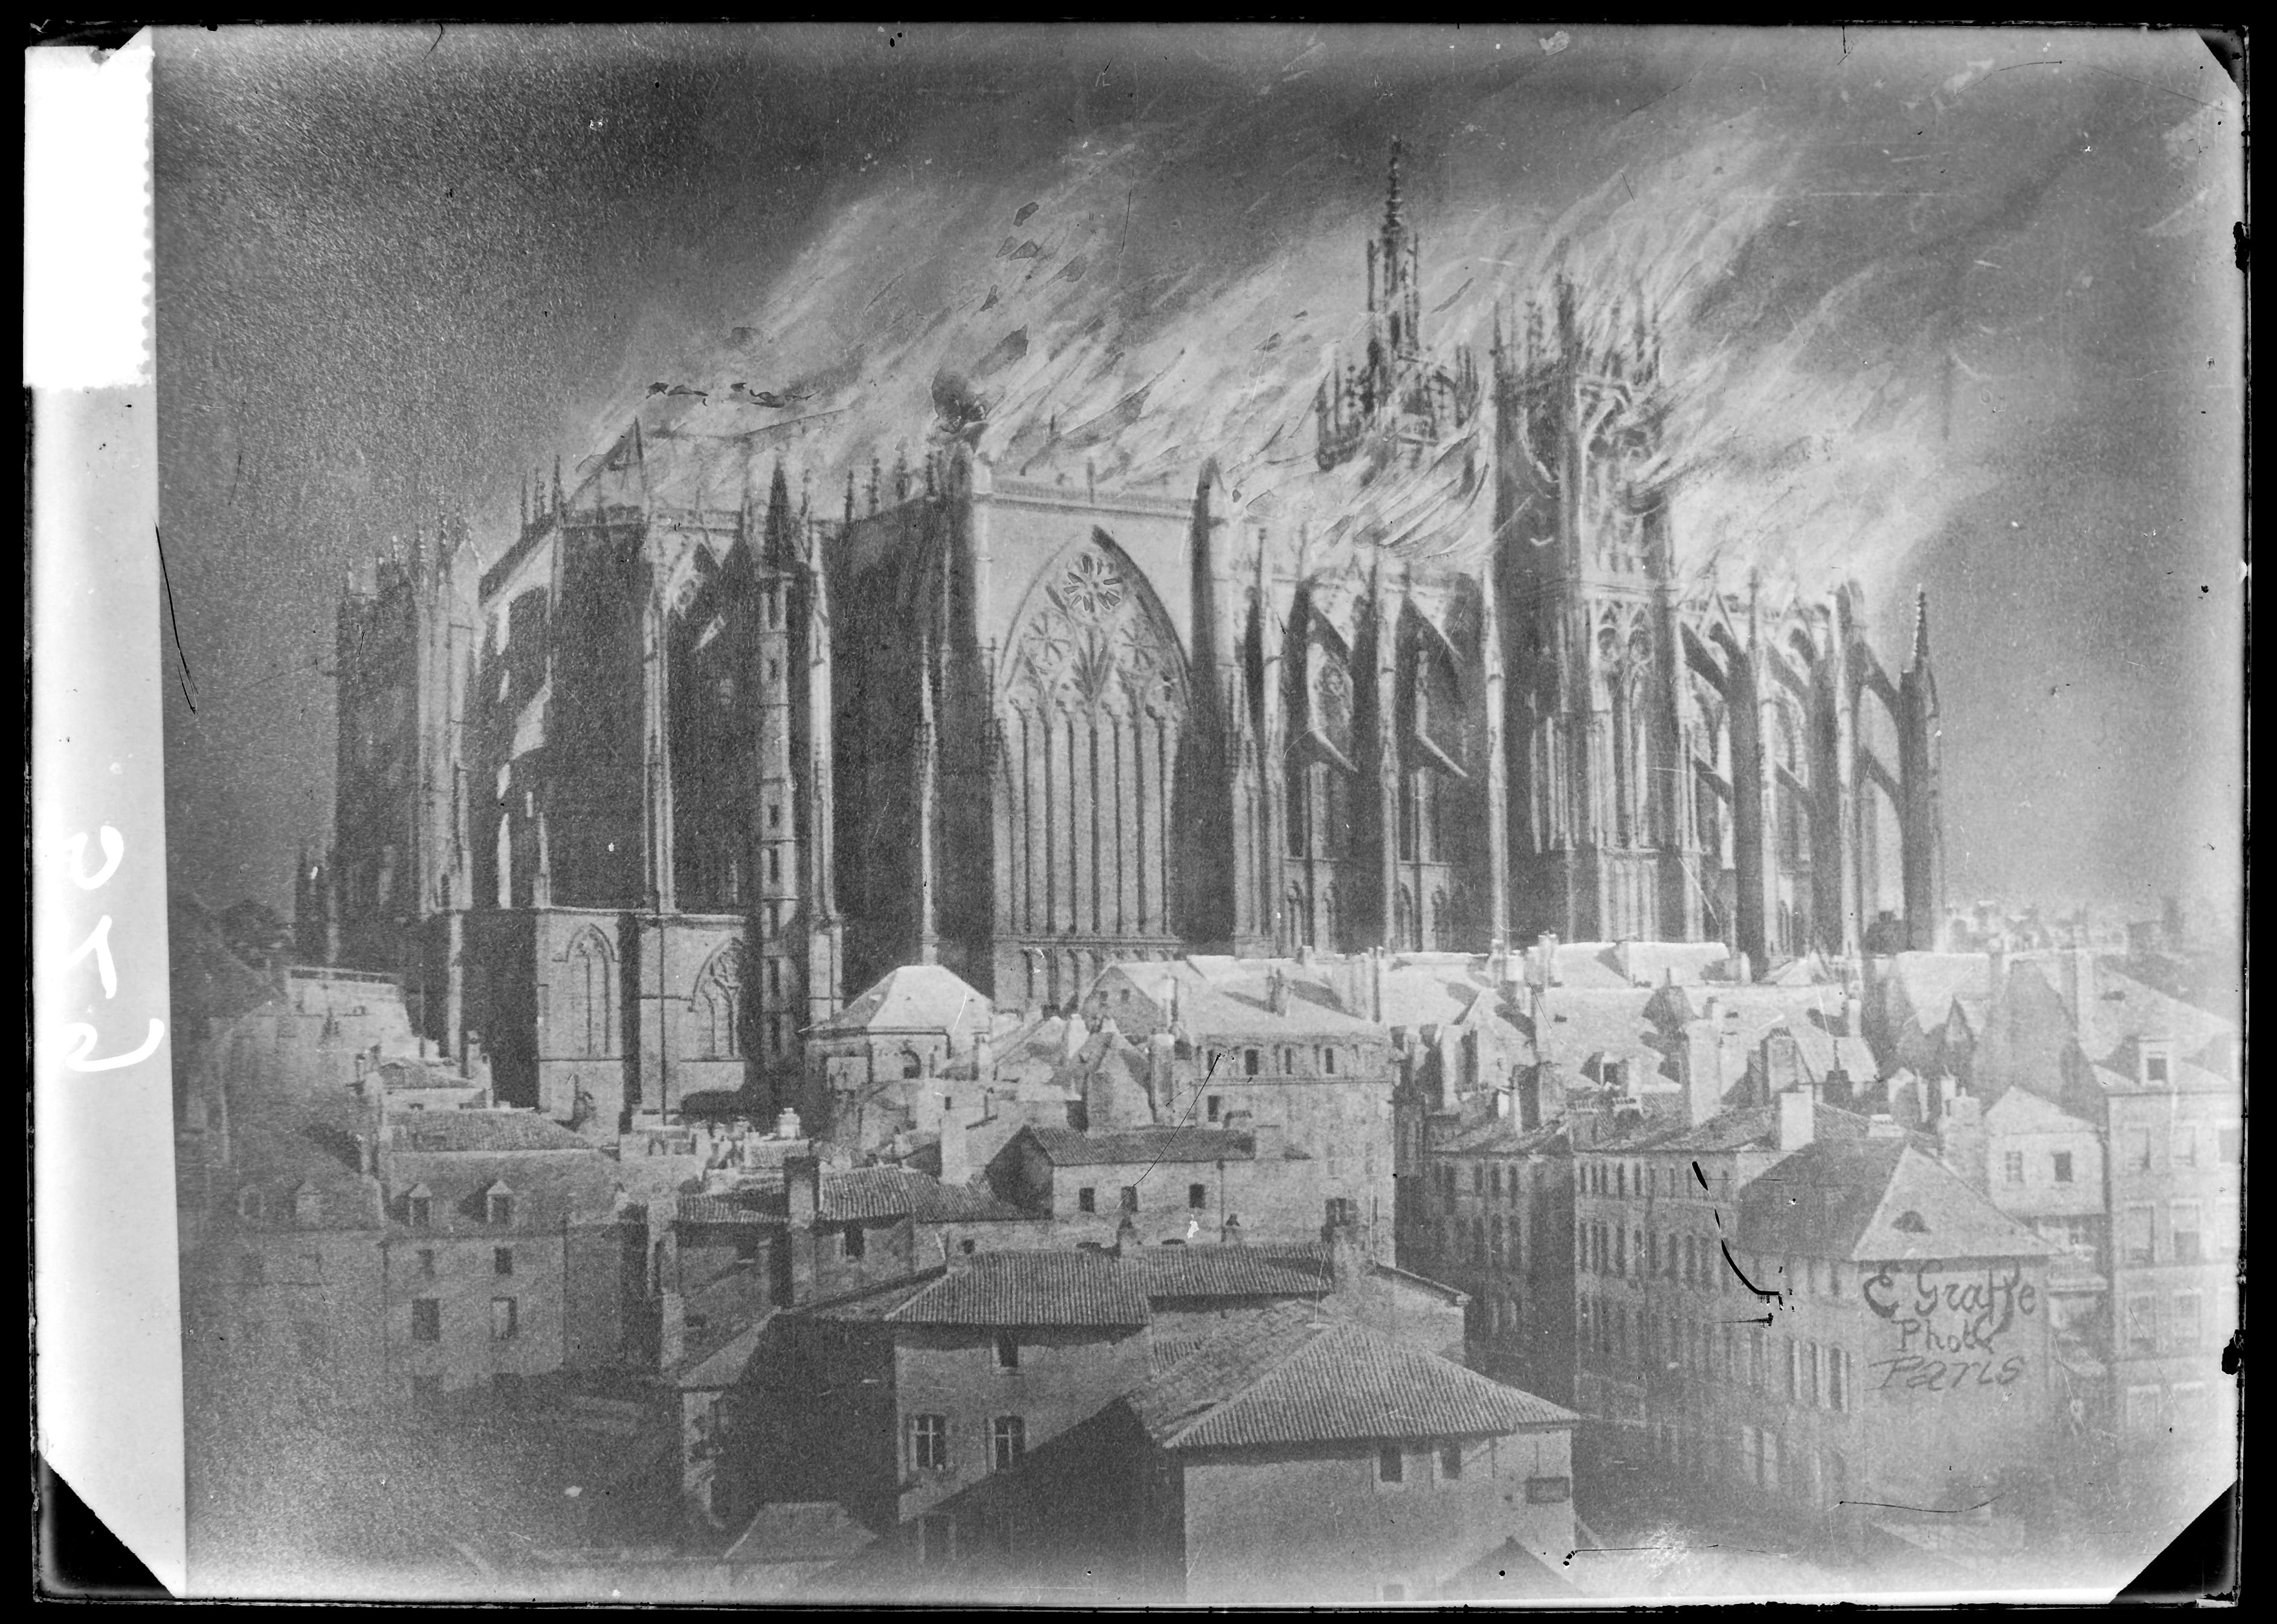 Contenu du L'incendie de la cathédrale, le 7 Mai 1877